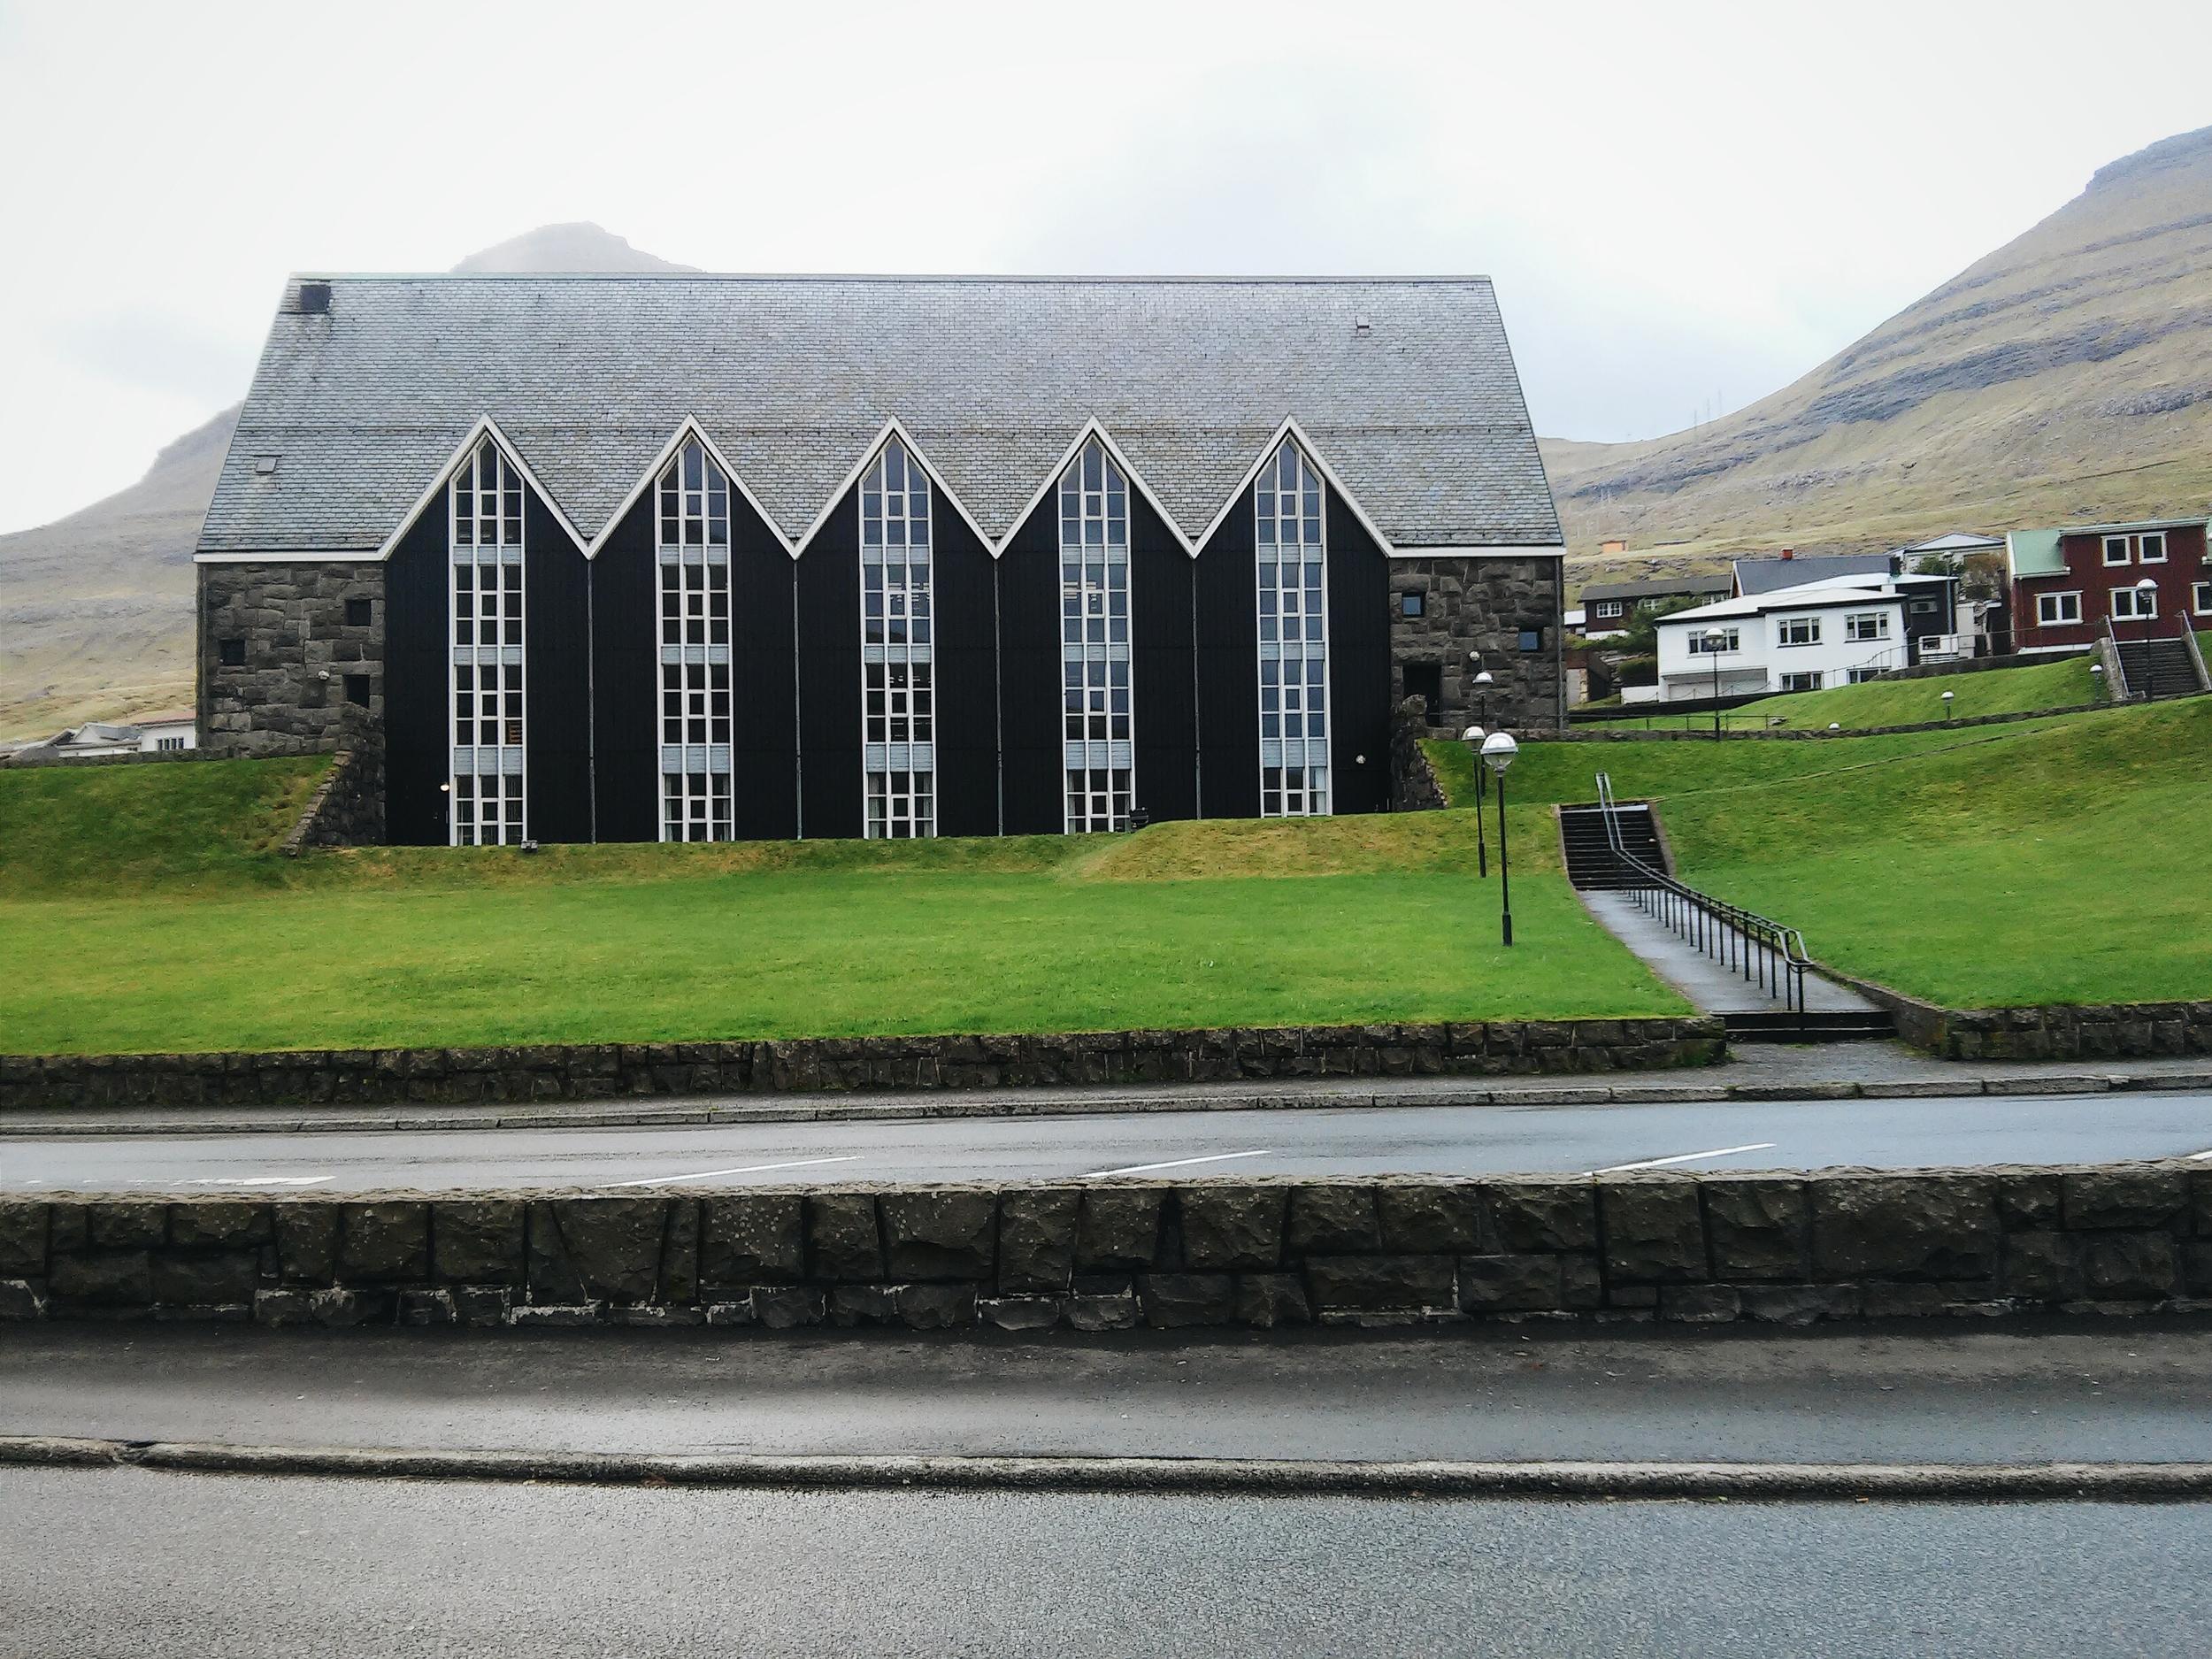 Η εκκλησία εξωτερικά